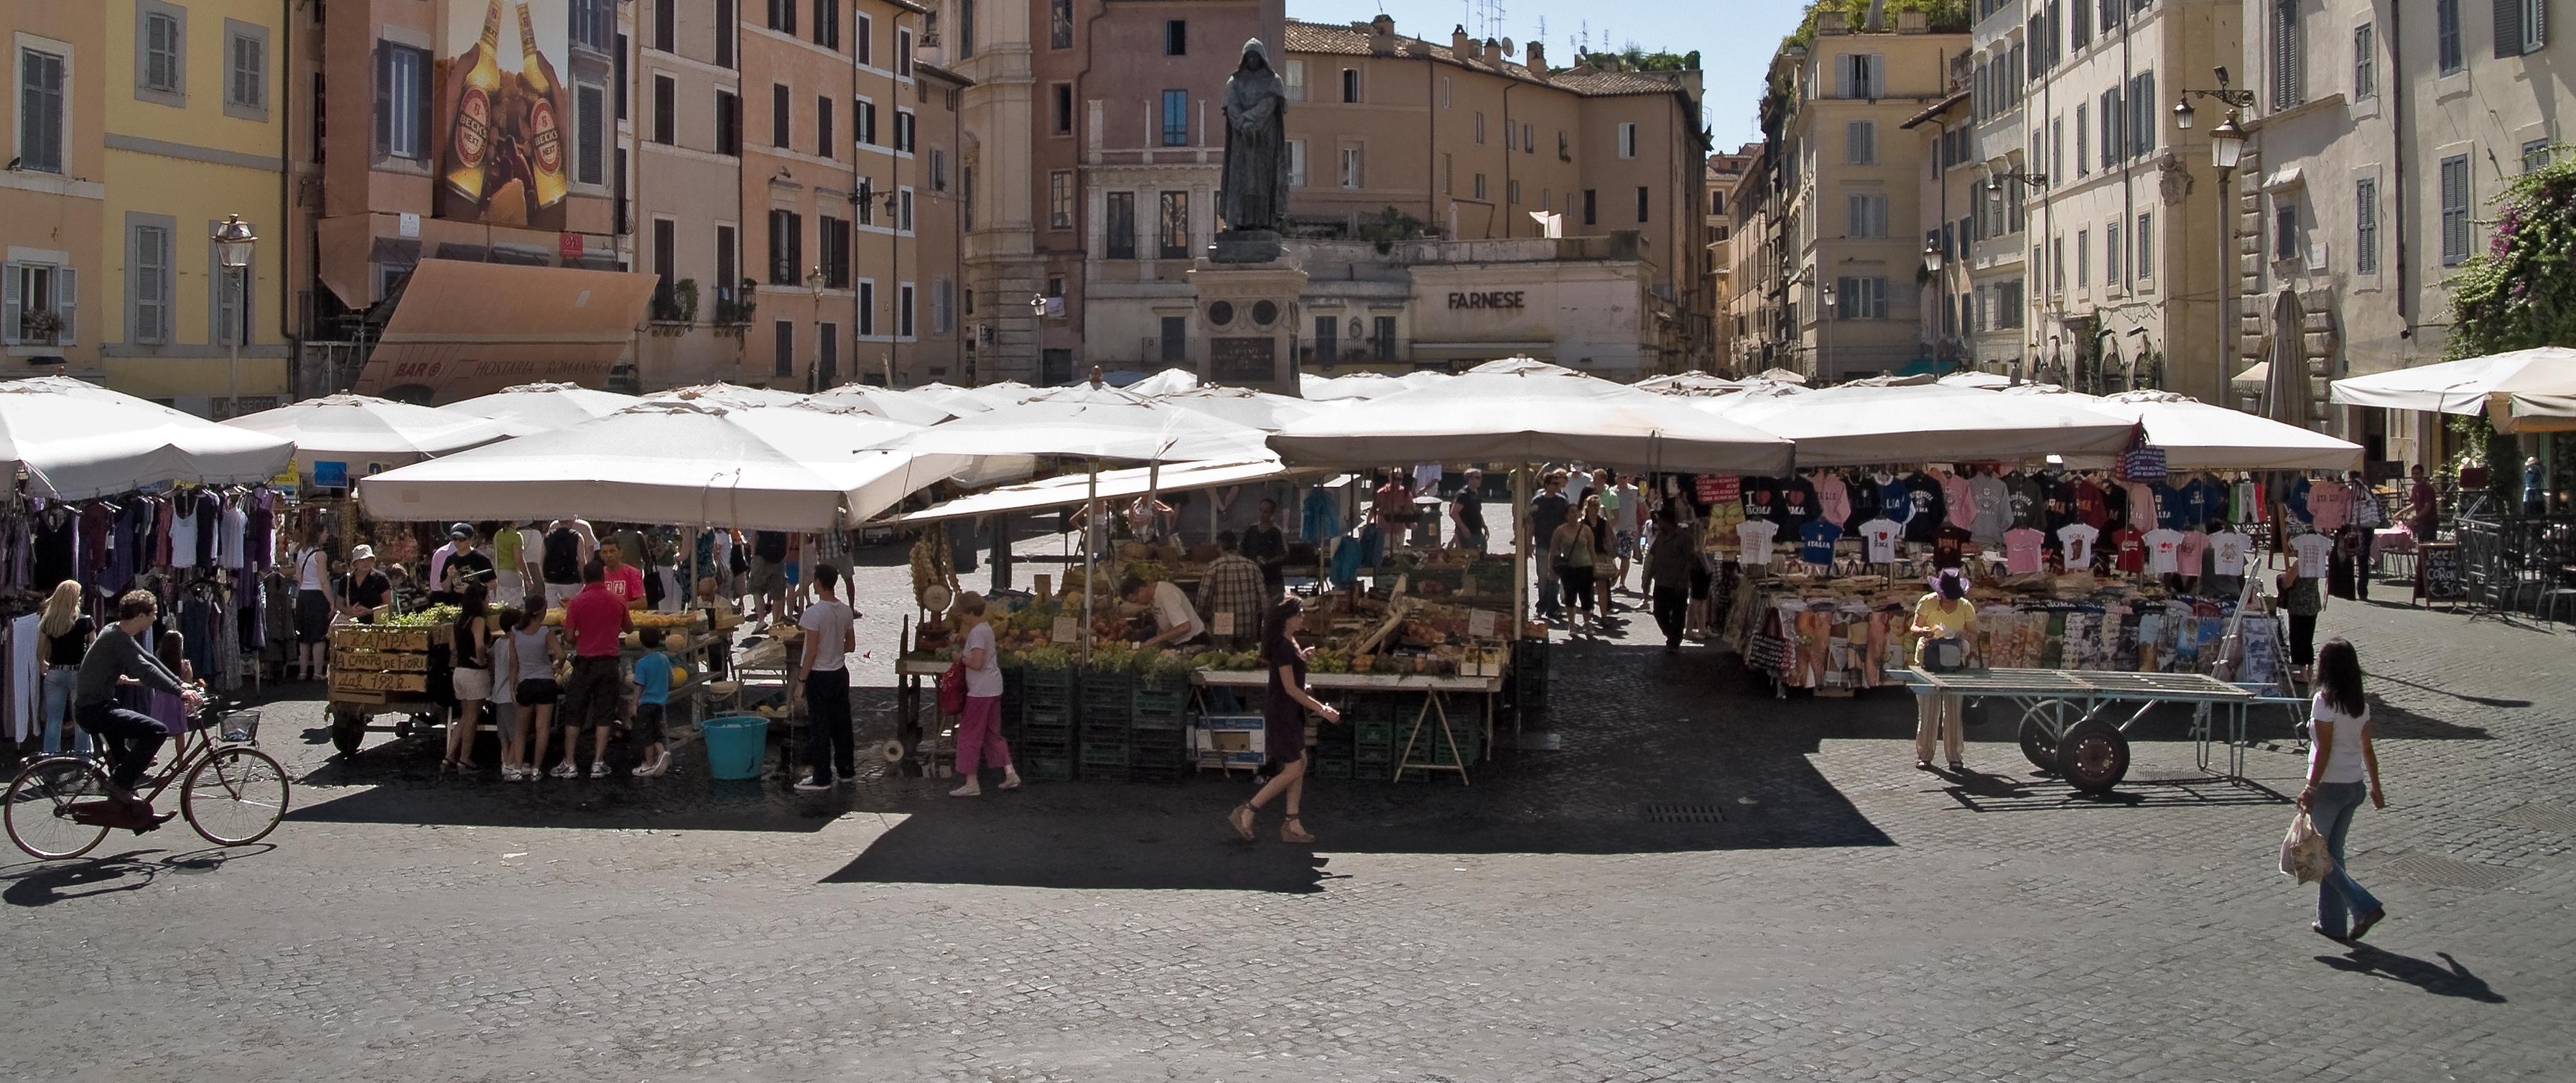 markt rom